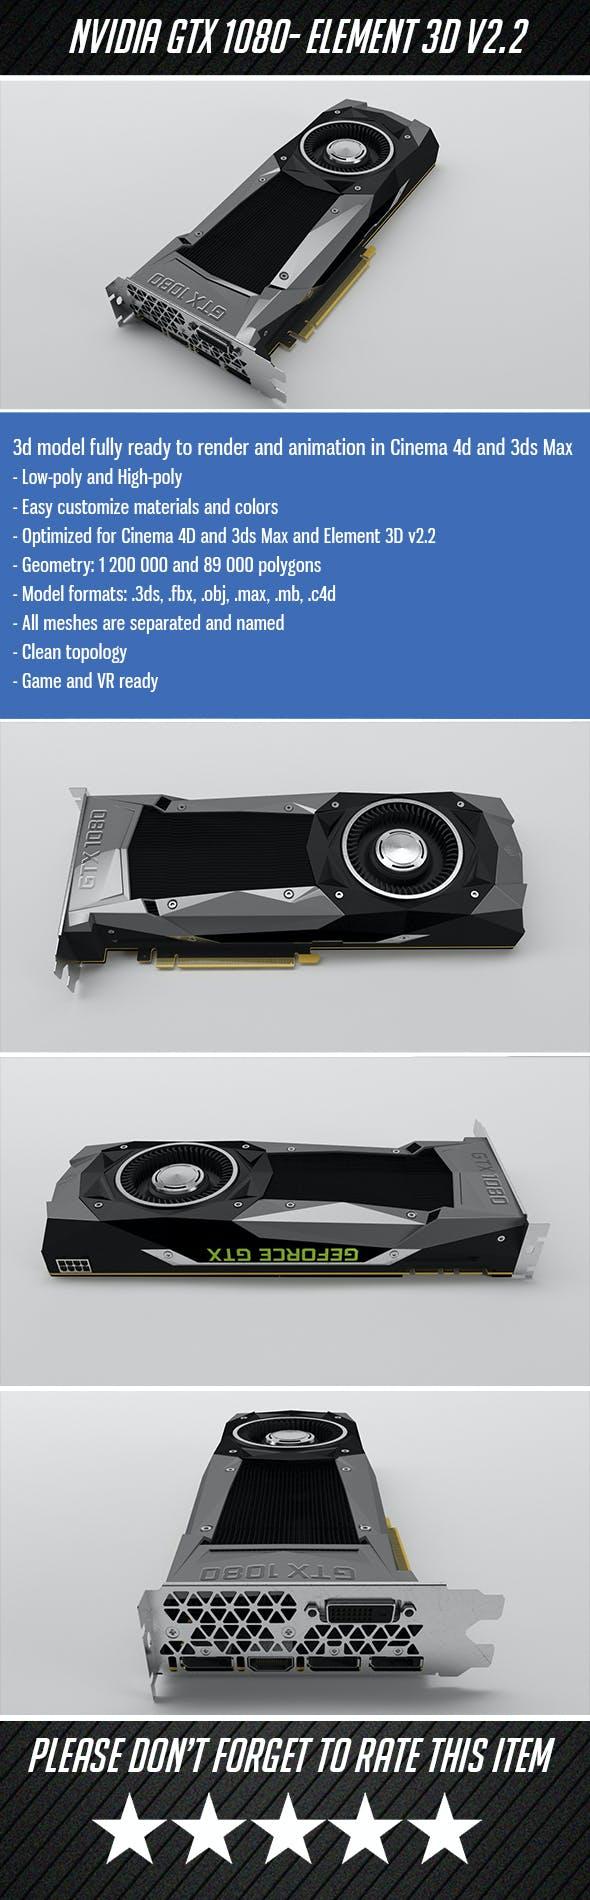 Nvidia GTX1080 - Element 3D - 3DOcean Item for Sale